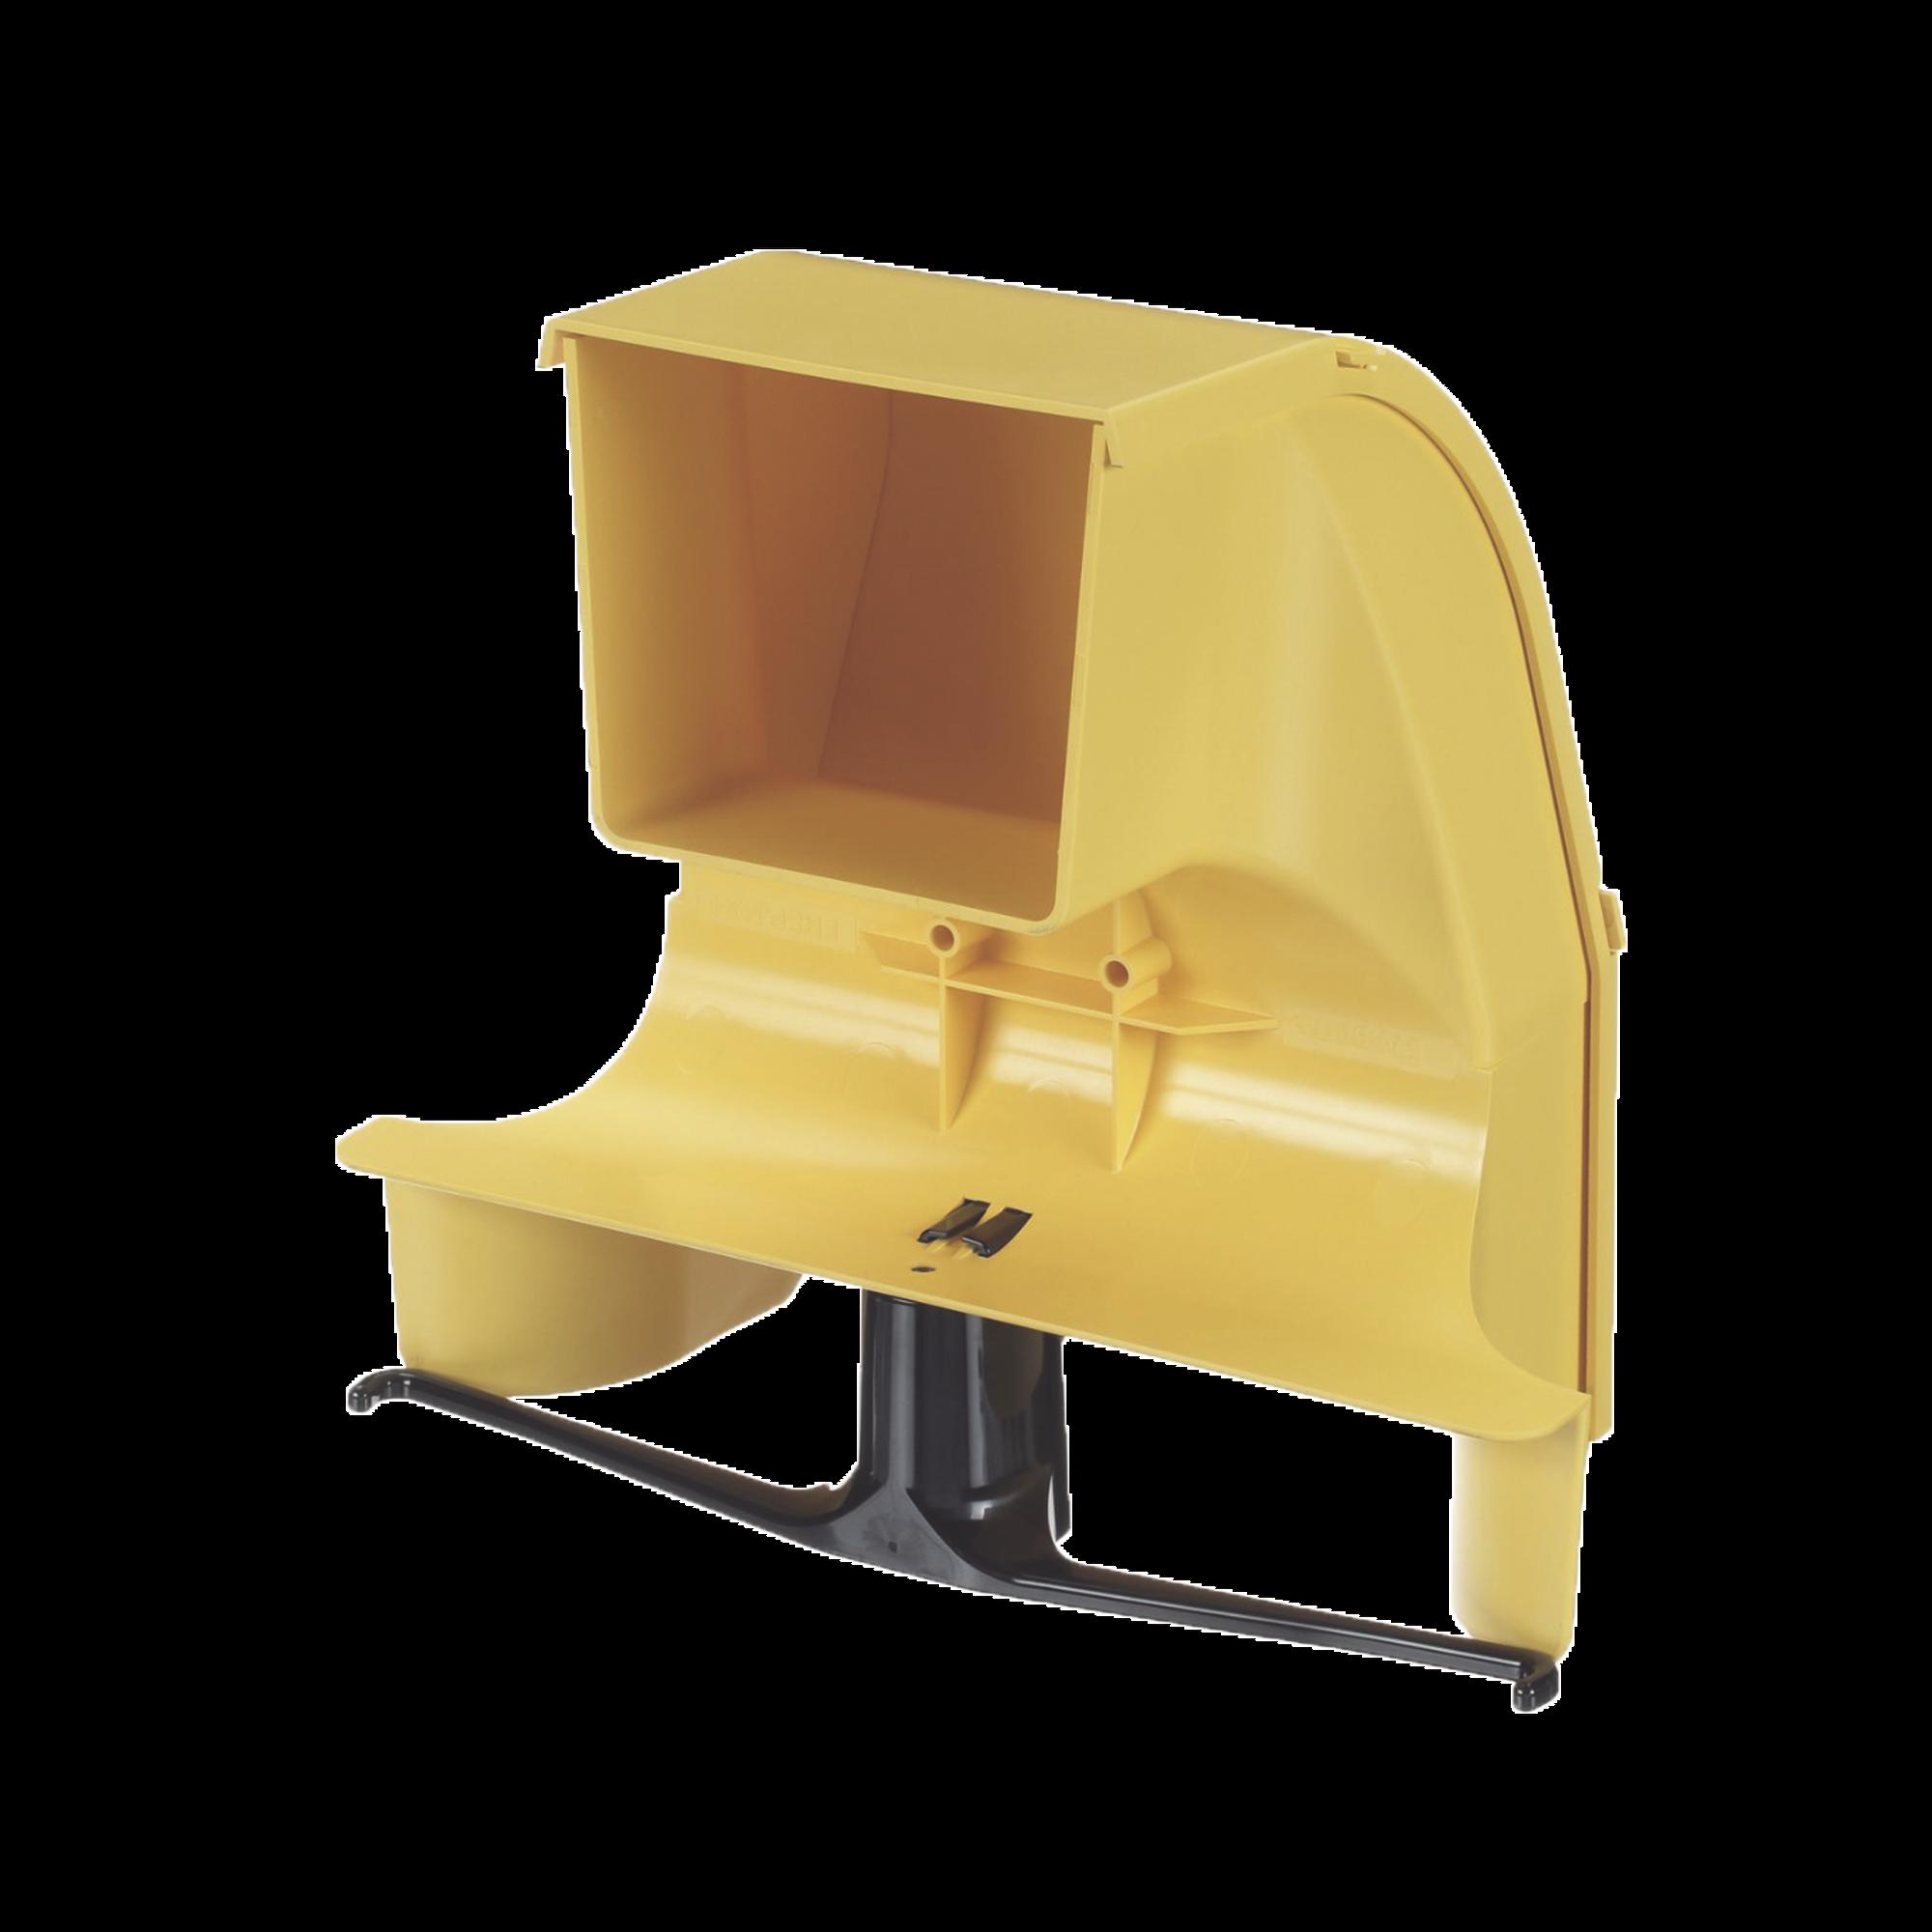 Bajada Para Canaleta FiberRunner?, Uso con Medidas 4x4, 6X4, 12X4, o 24X12, Con Reducción a 4X4, Color Amarillo